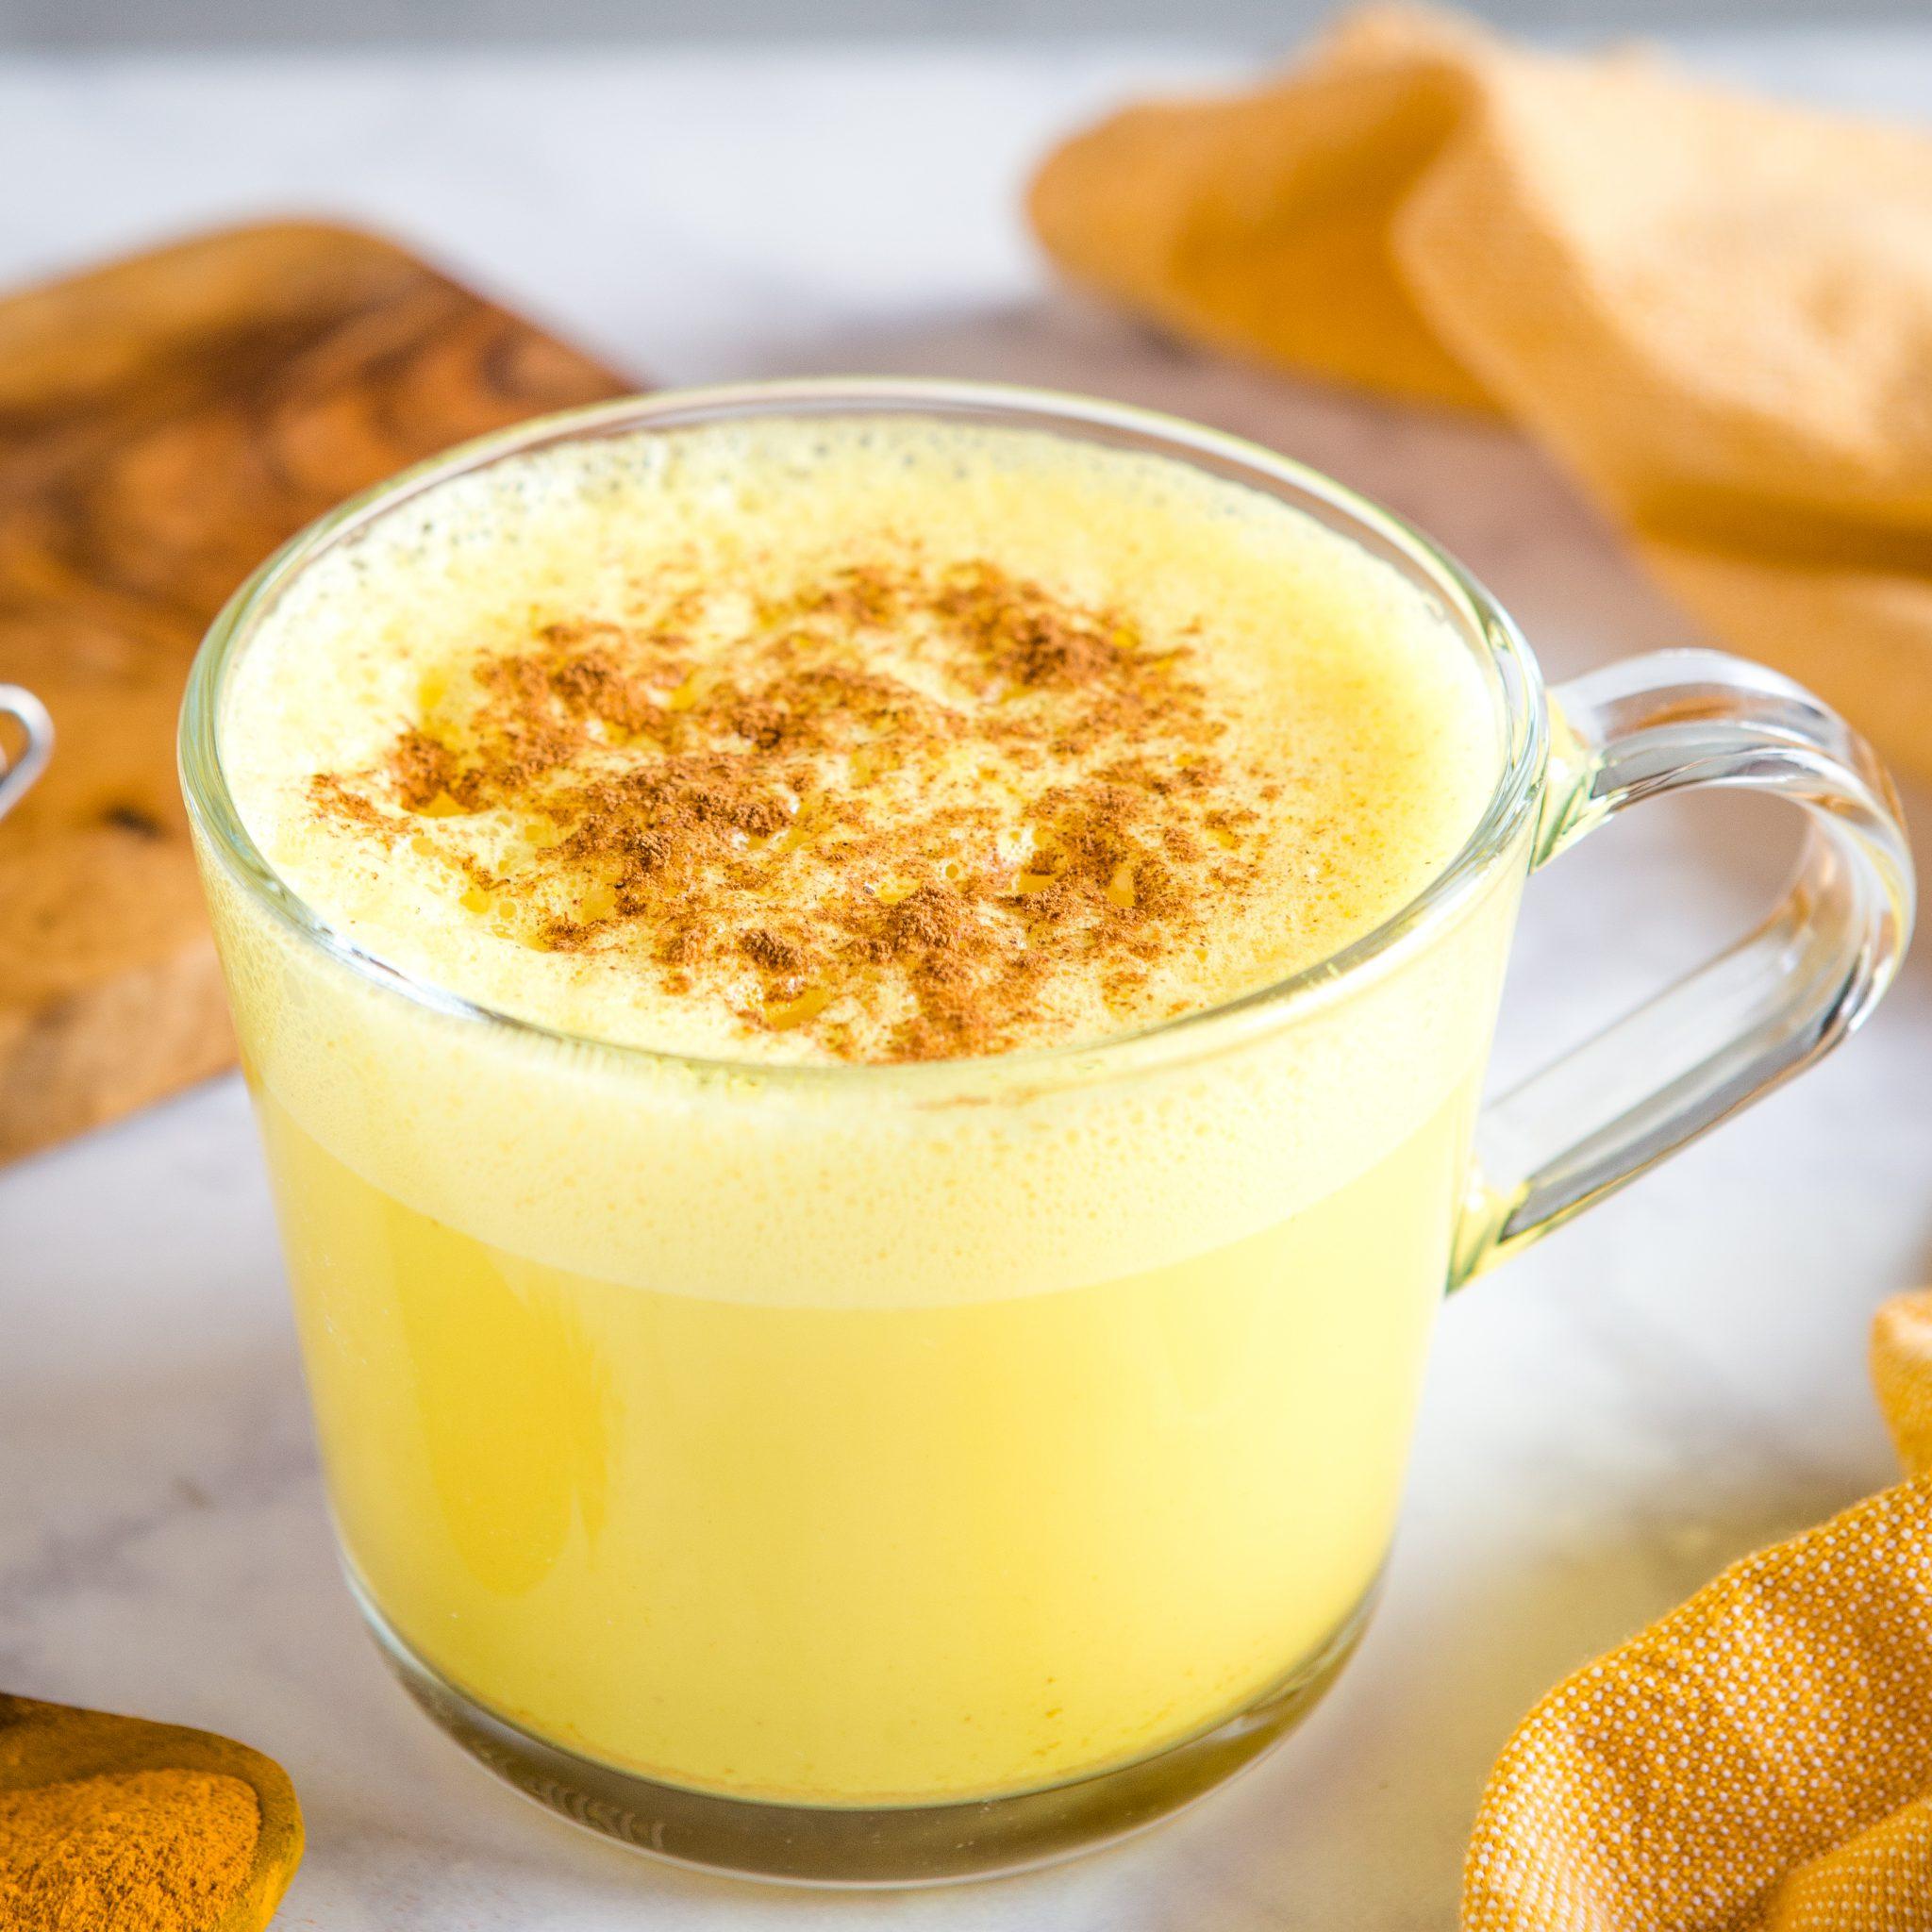 công thức pha chế golden milk latte